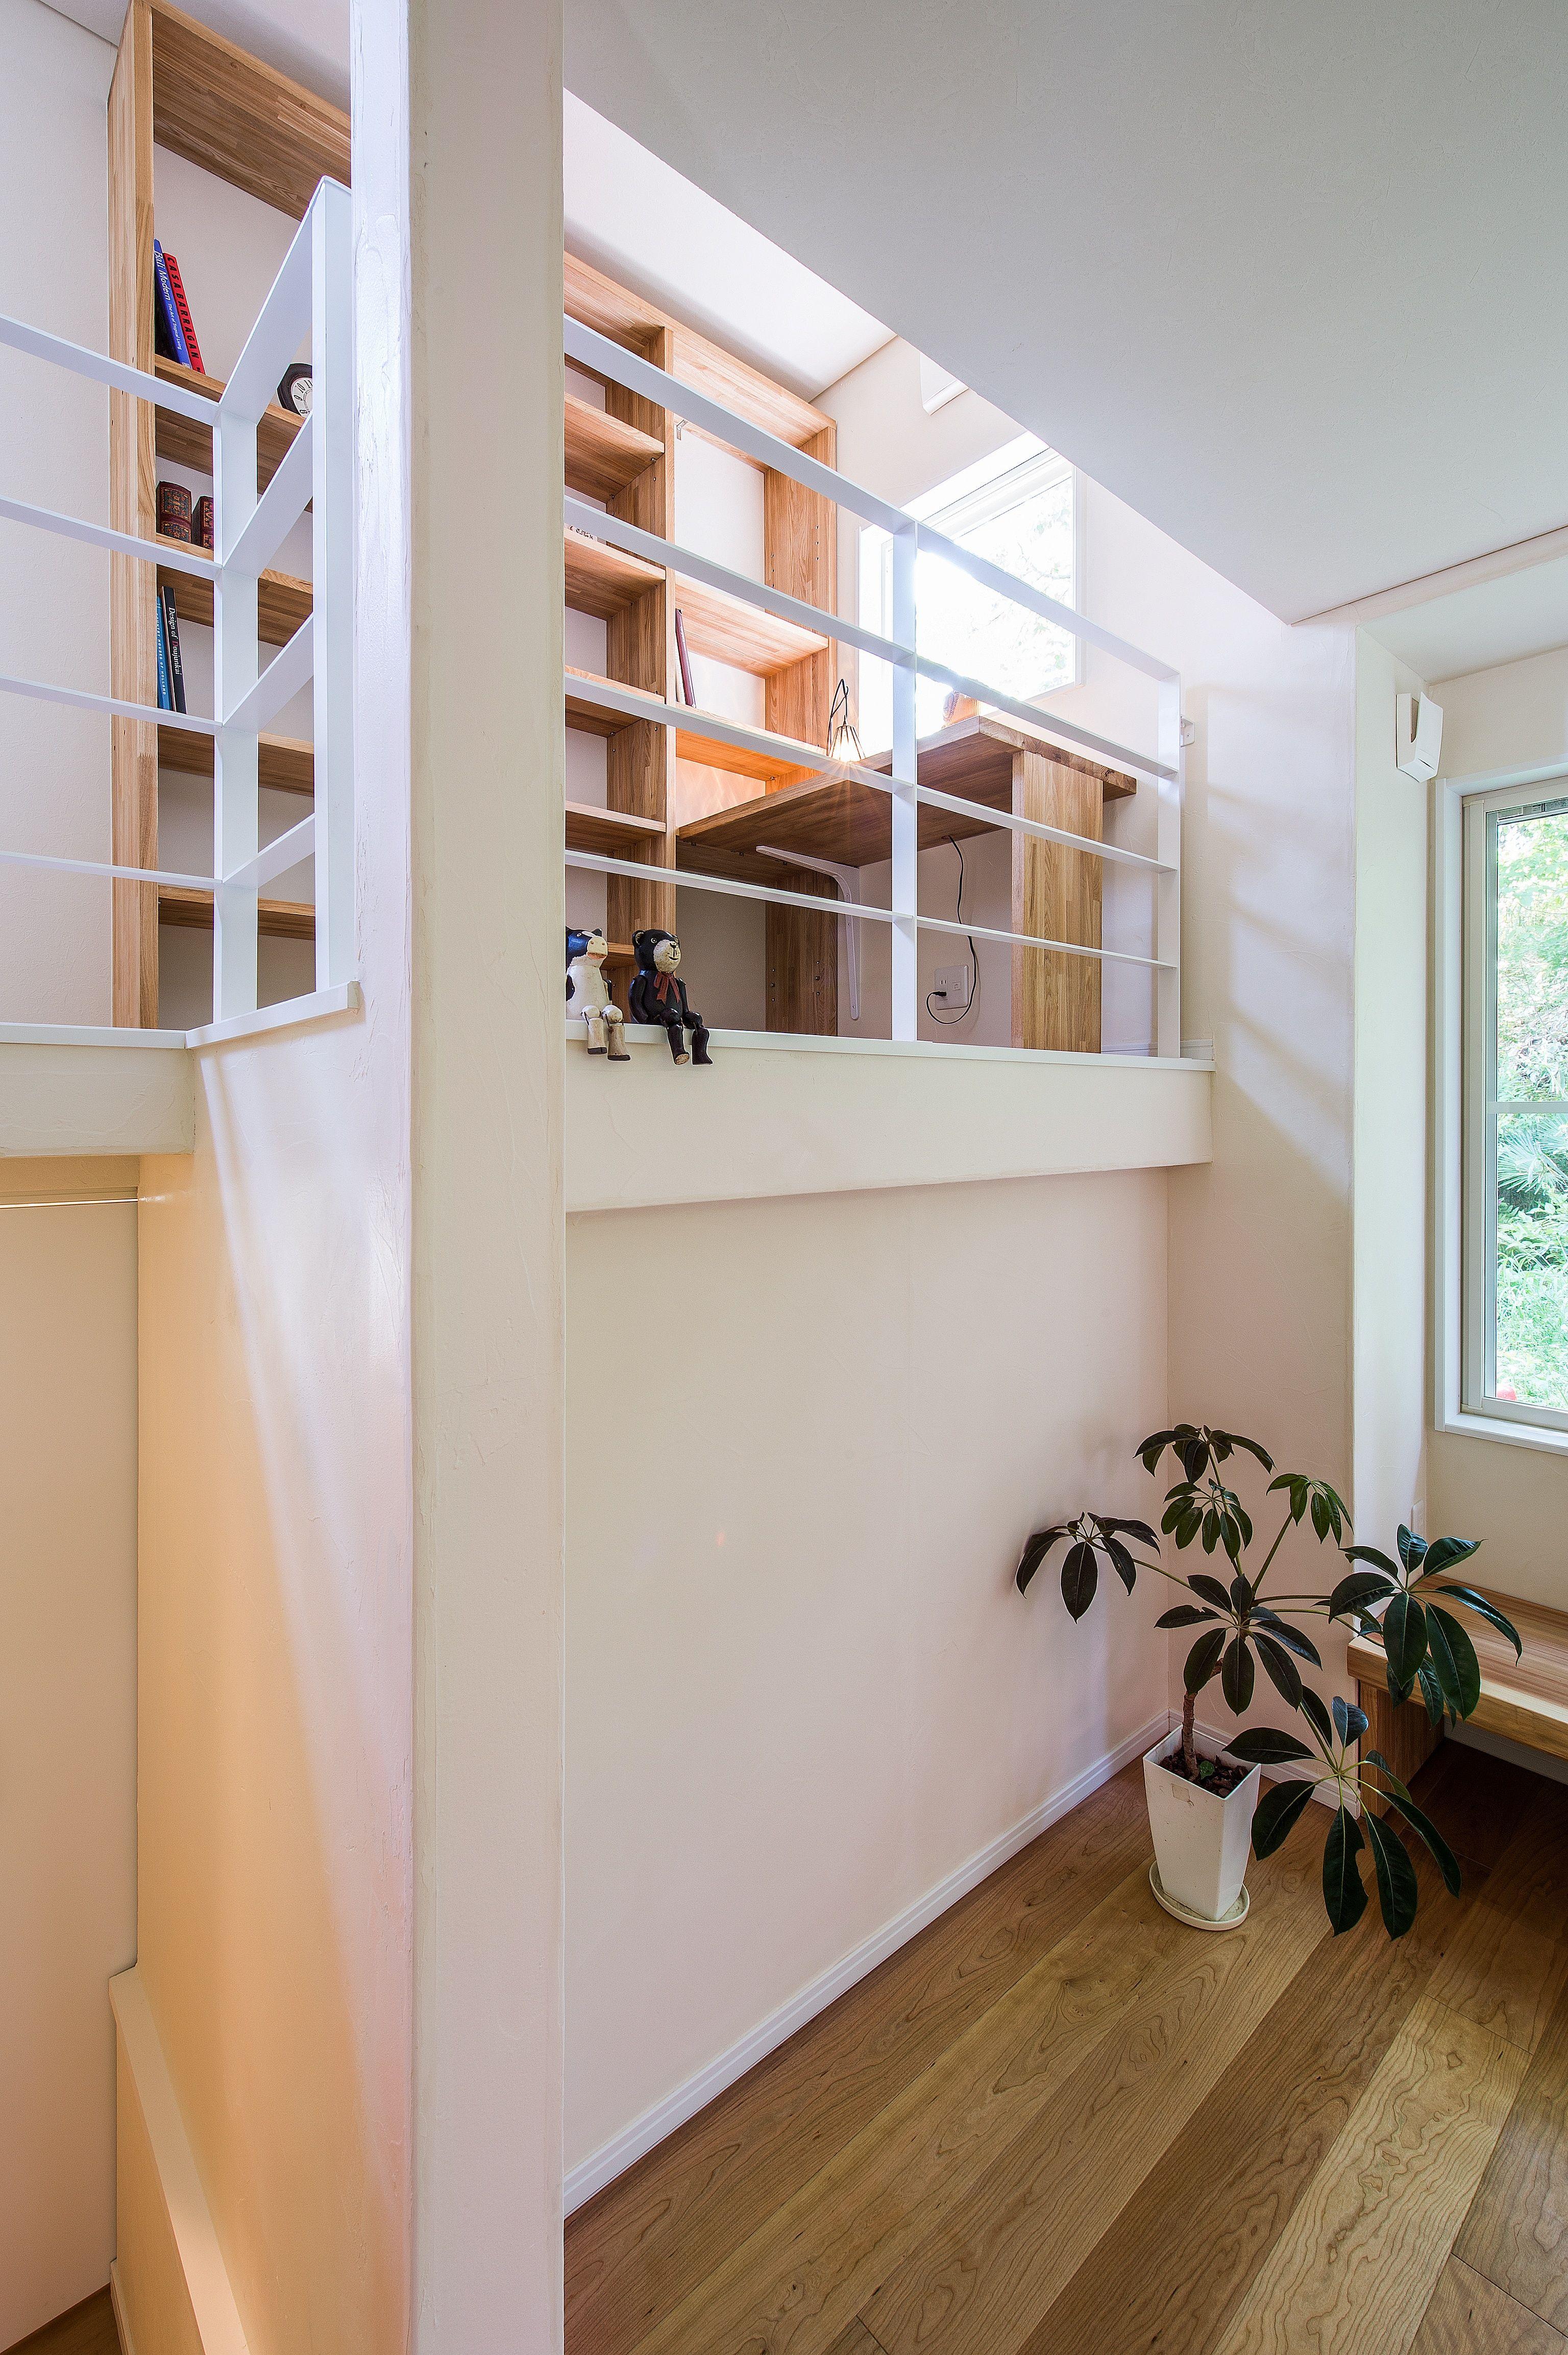 新築 注文住宅施工例 フロアプラン スキップフロア 住宅設計プラン